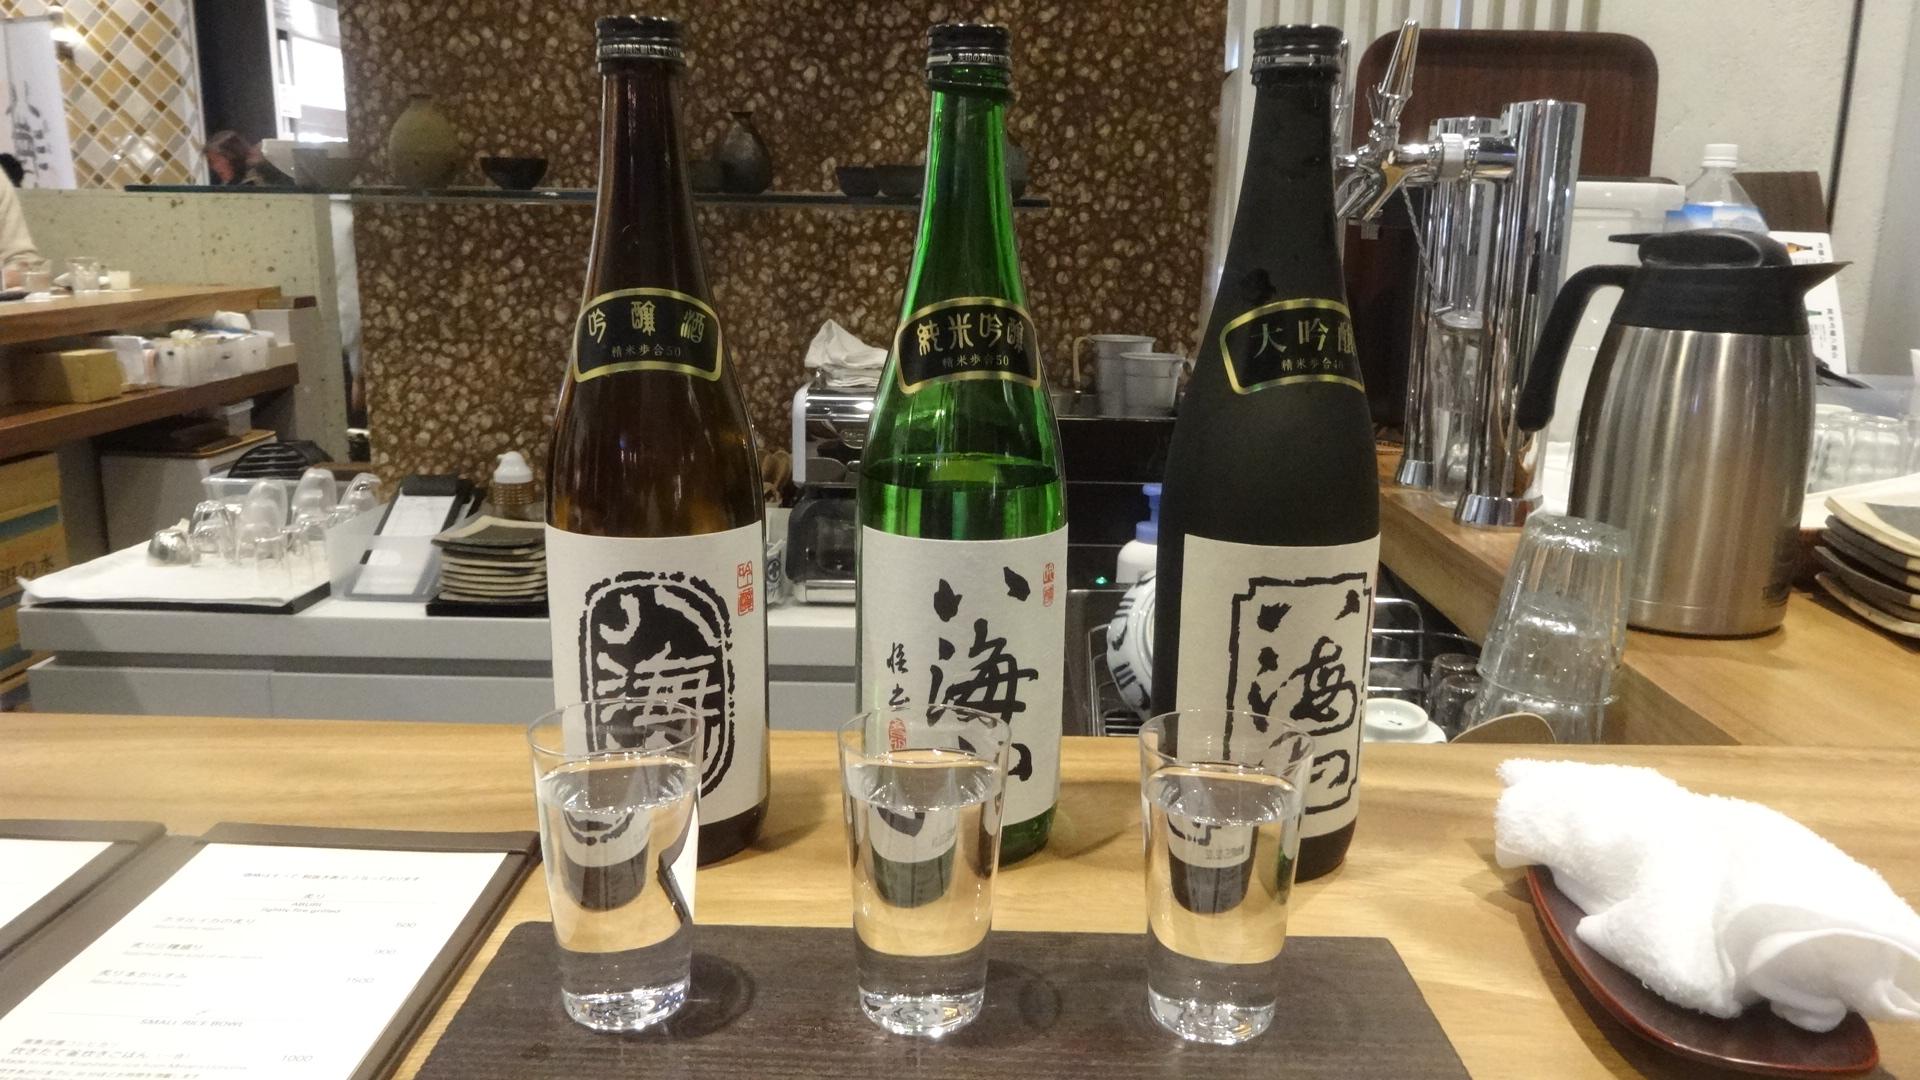 純米 純米吟醸 大吟醸の写真